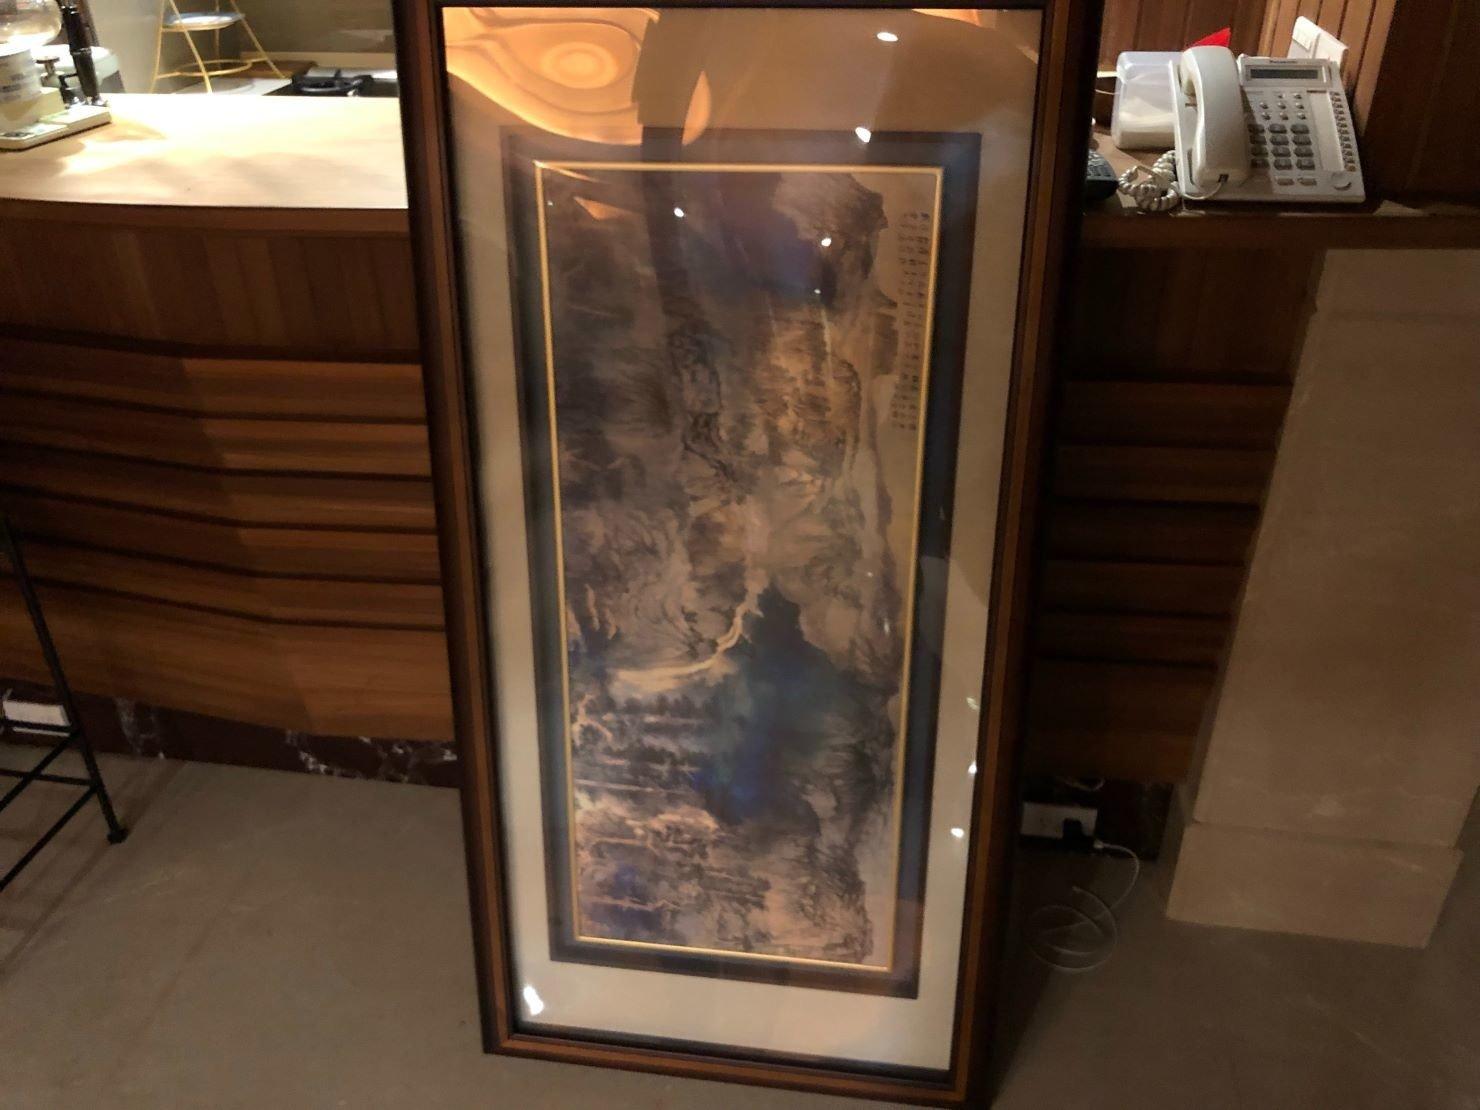 搬家公司推薦【榮福搬家】搬好家給您最有品質、最安全的搬運服務:珍貴古董畫作